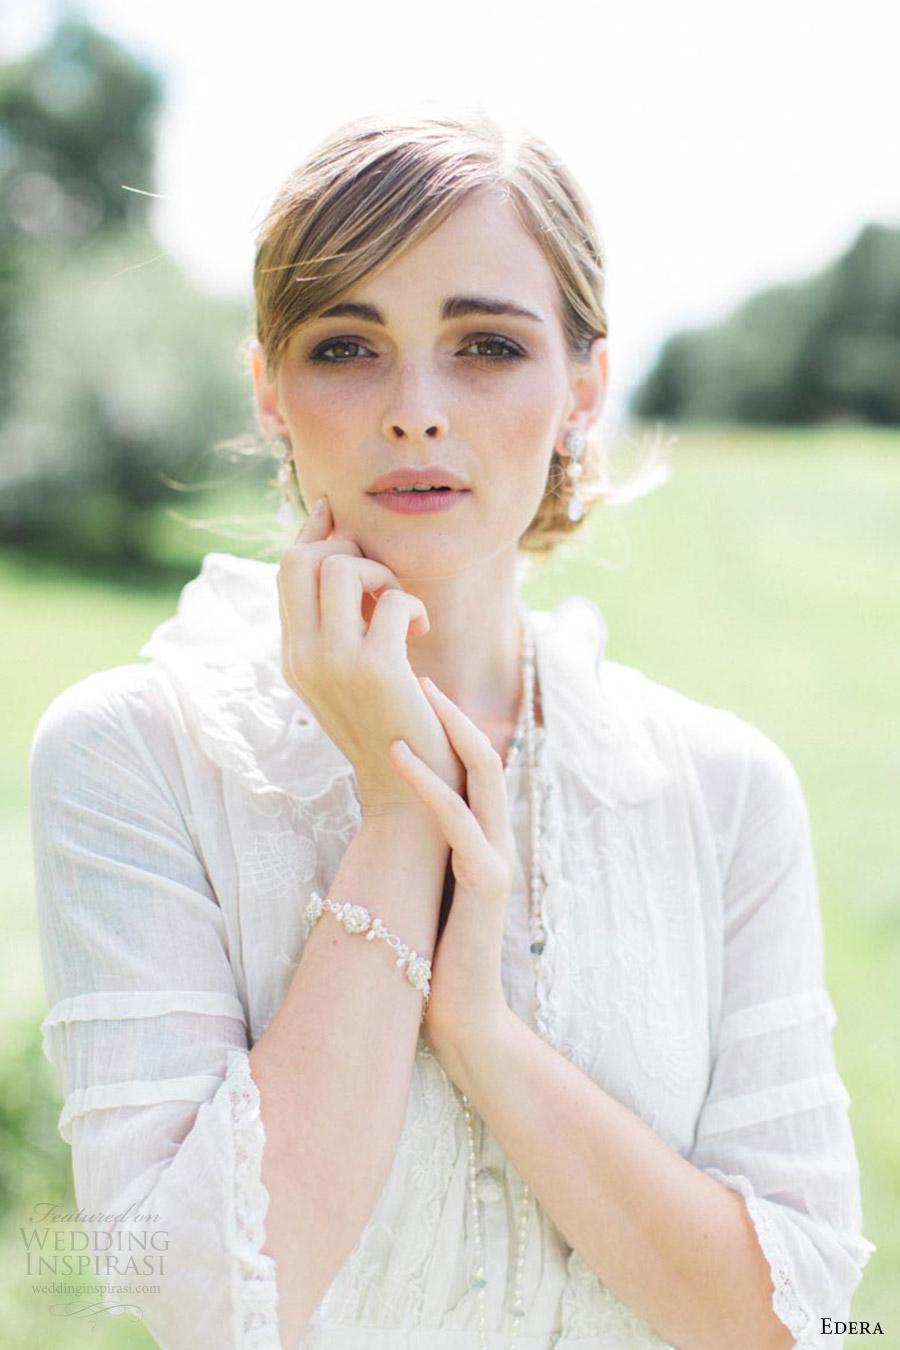 edera jewelry 2016 bridal accessories collection (fleurette) bracelet romantic vintage gown